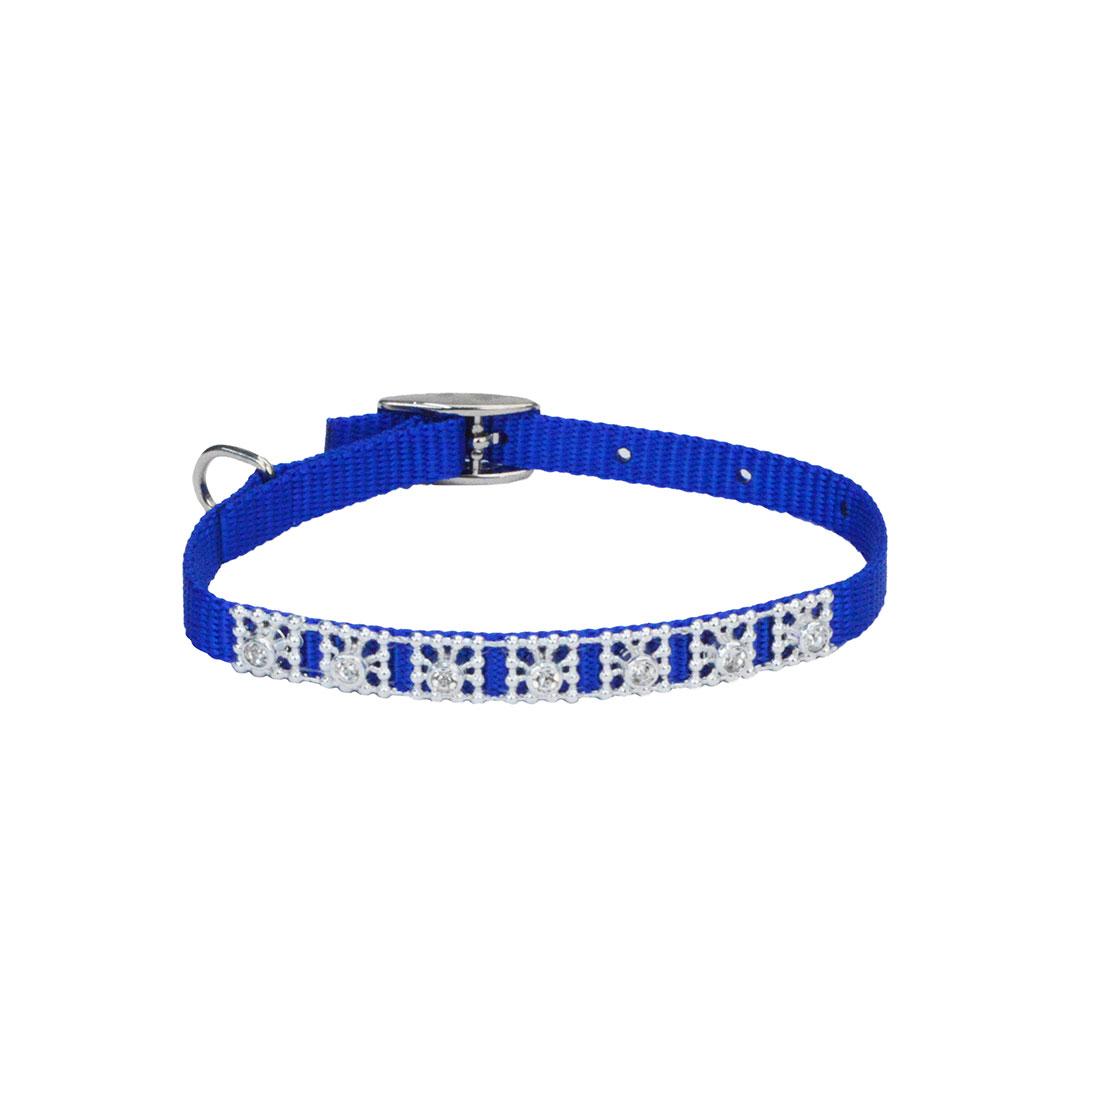 Lil-Plas-Jeweled-Collar_Blue.jpg